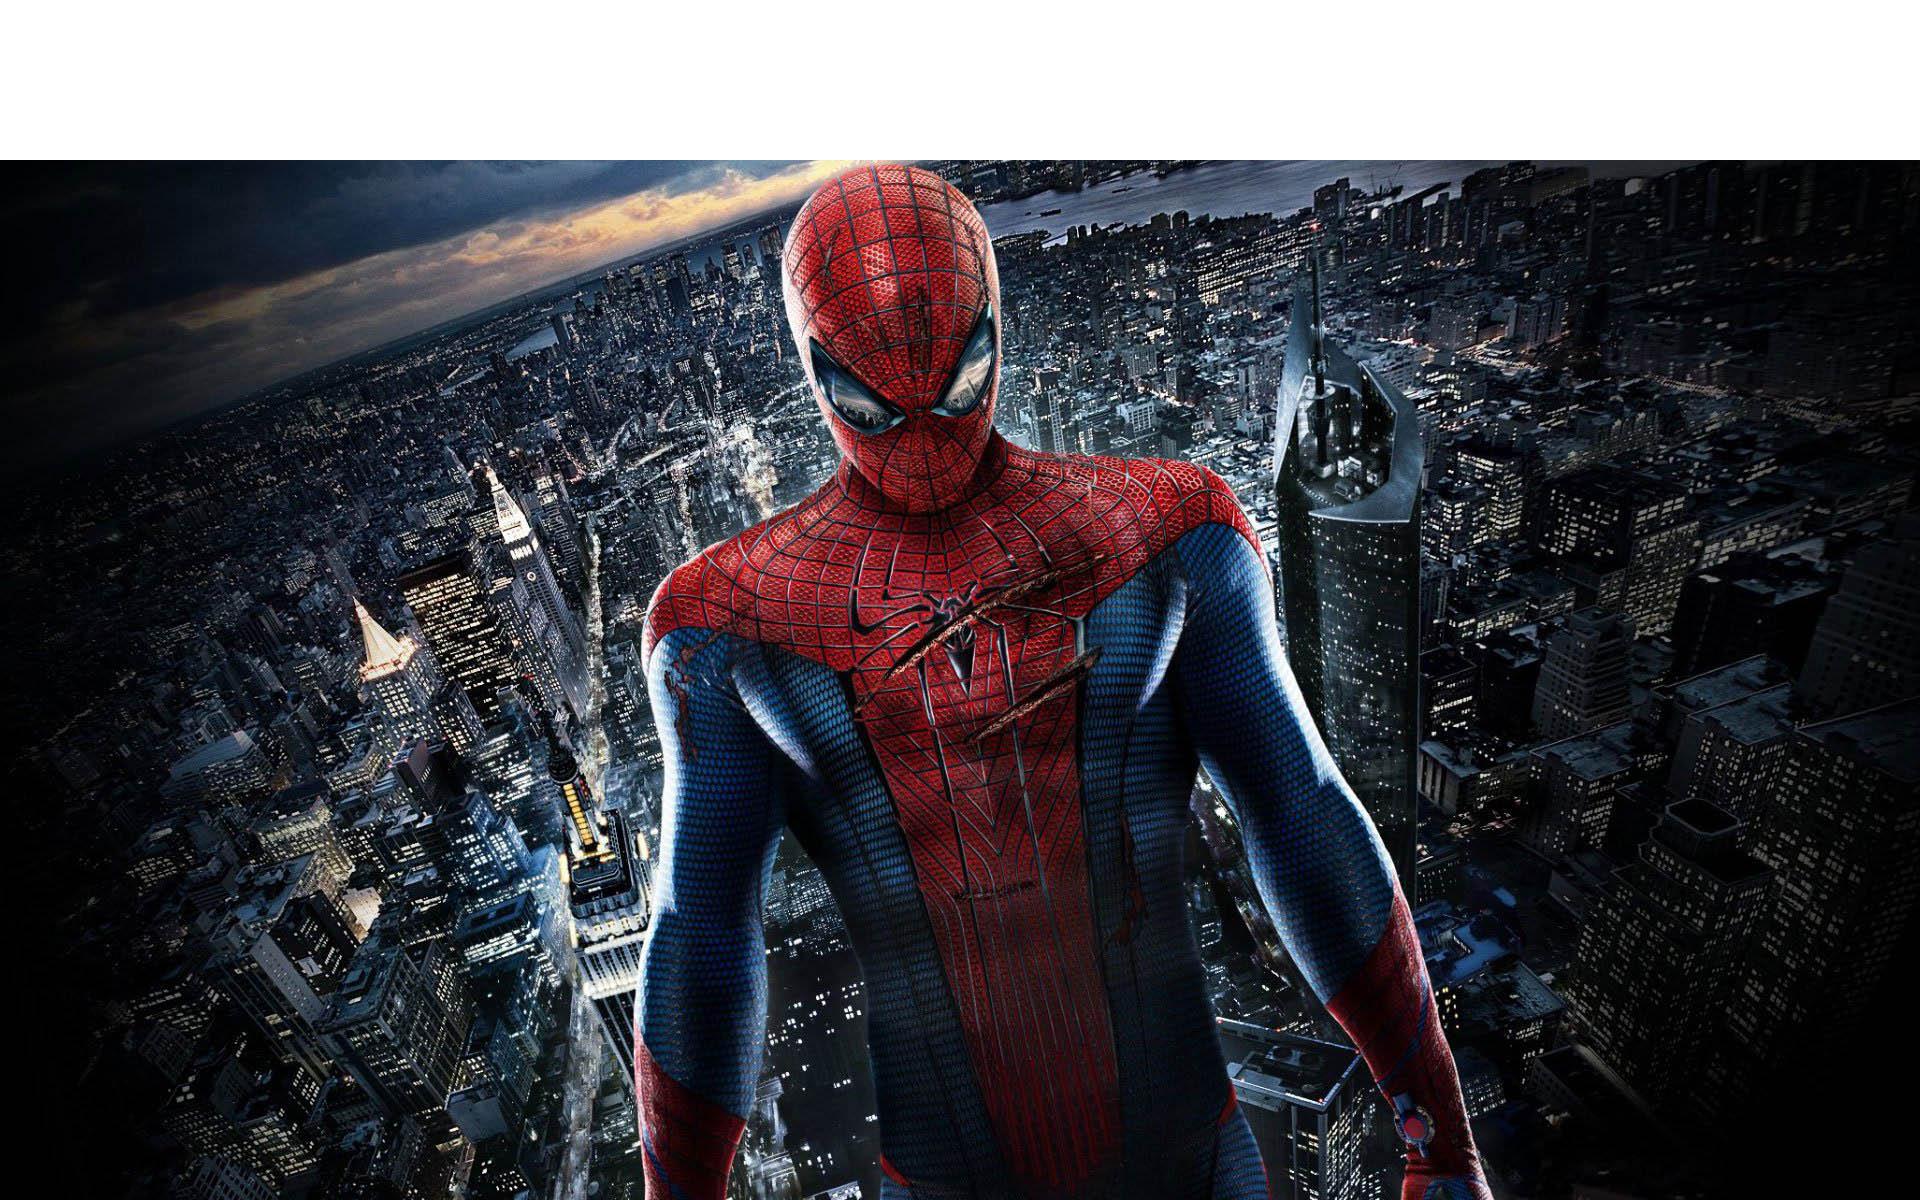 La nueva fase de SpiderMan llegará a las pantallas en 2017 y su director espera que los fanáticos tengan una experiencia distintas en comparación a las versiones anteriores